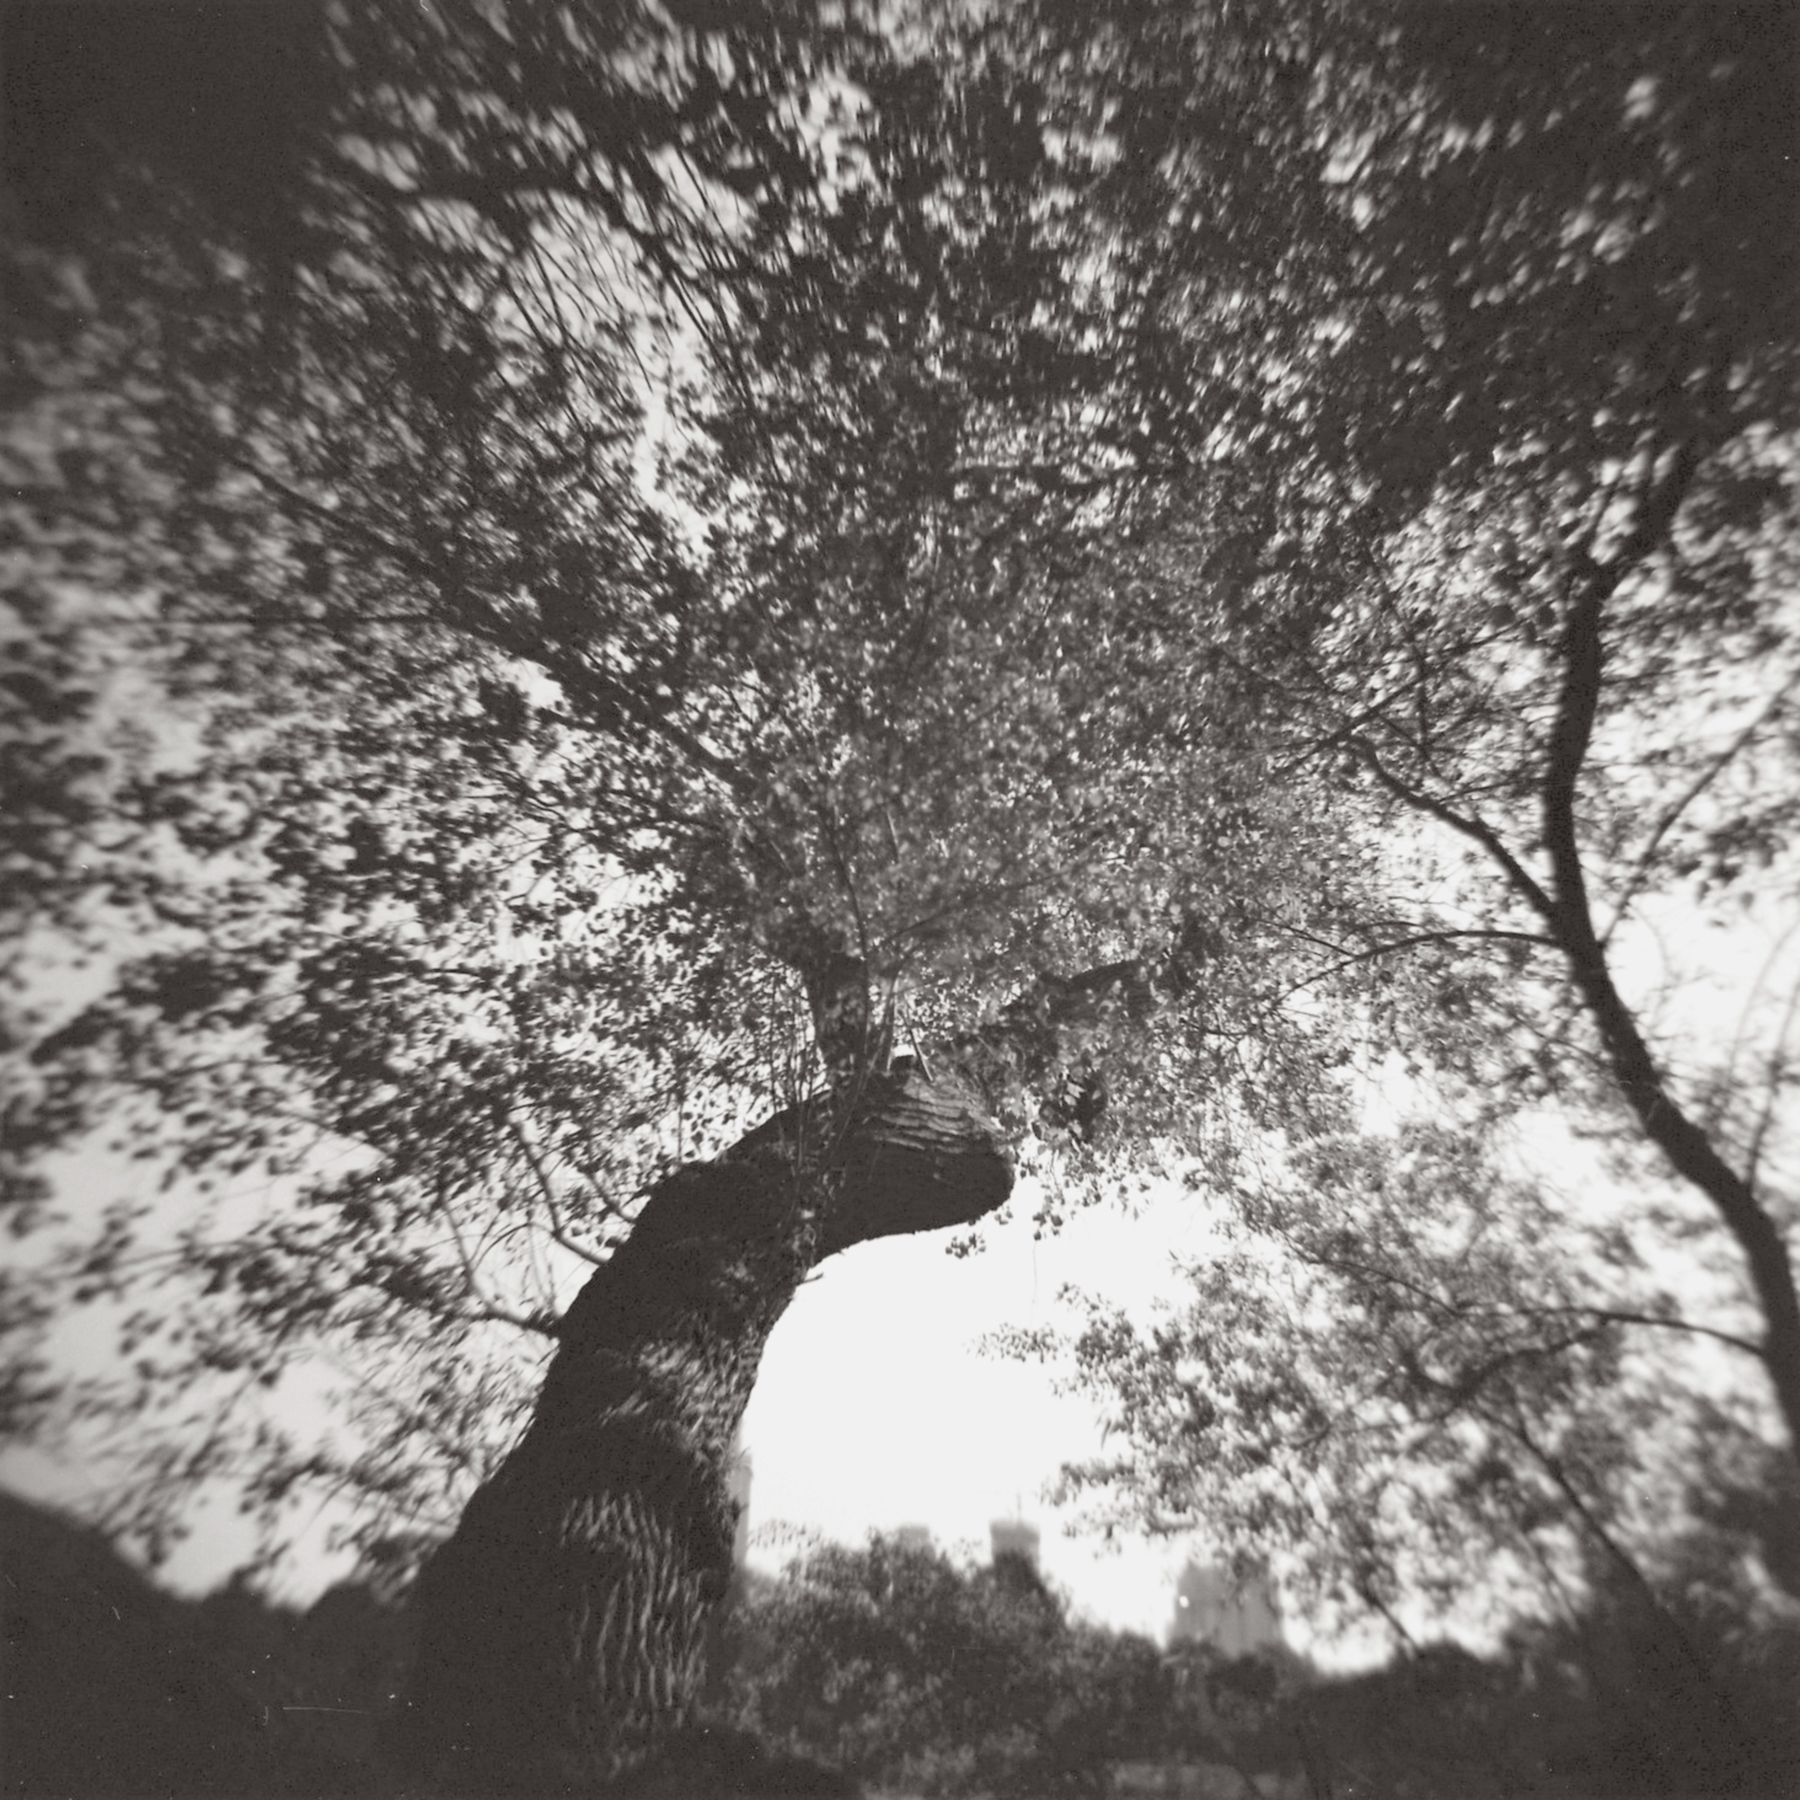 Foliage | Holga 120N | Daphne Schnitzer